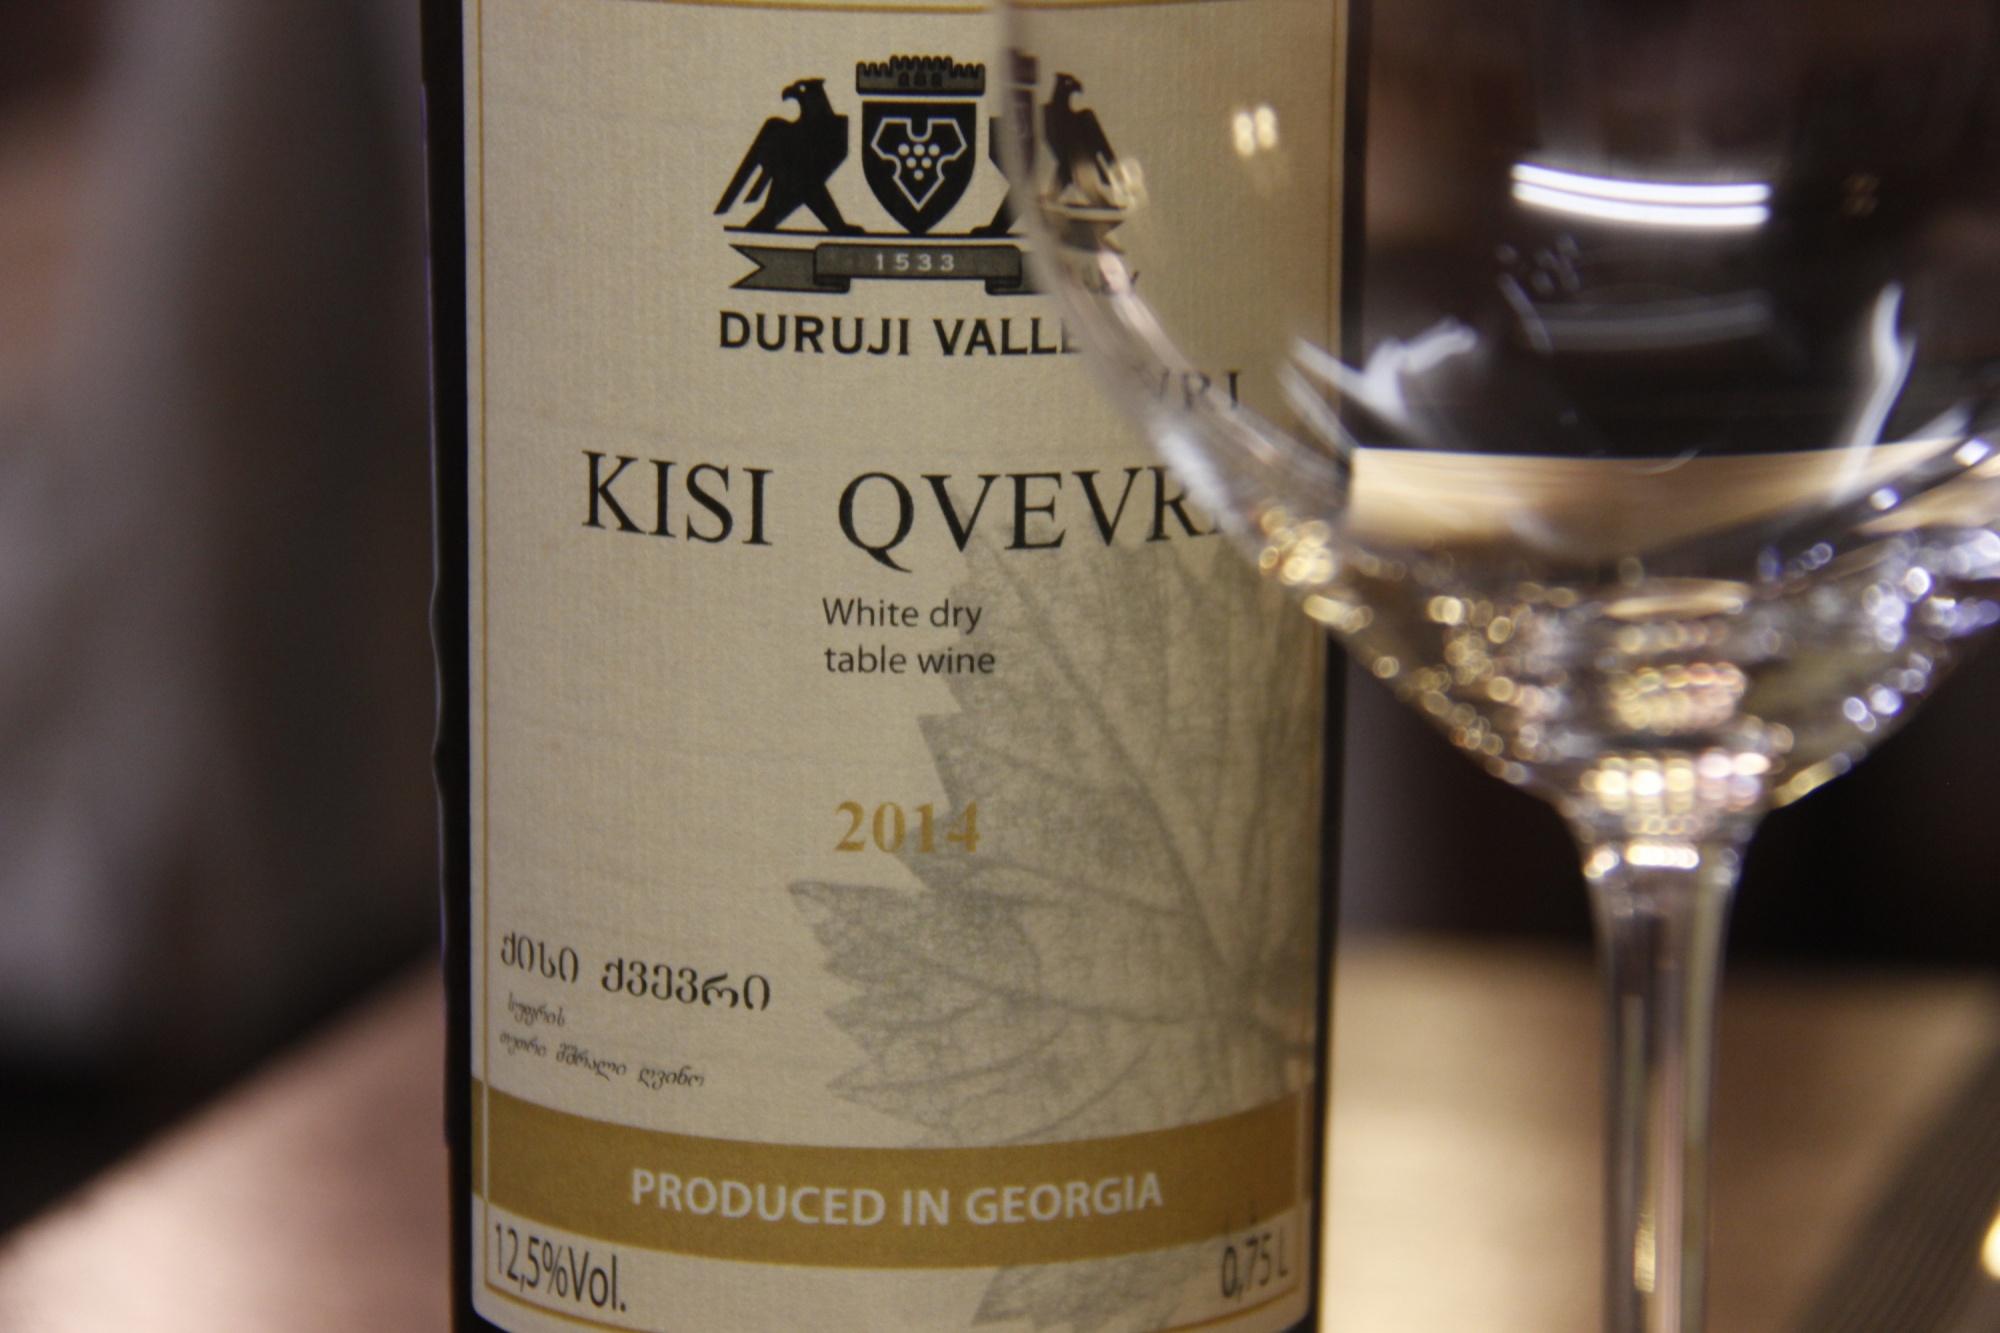 Злой грузин ползет на берег: авторская колонка Стаса Соколова про запрет грузинских вин